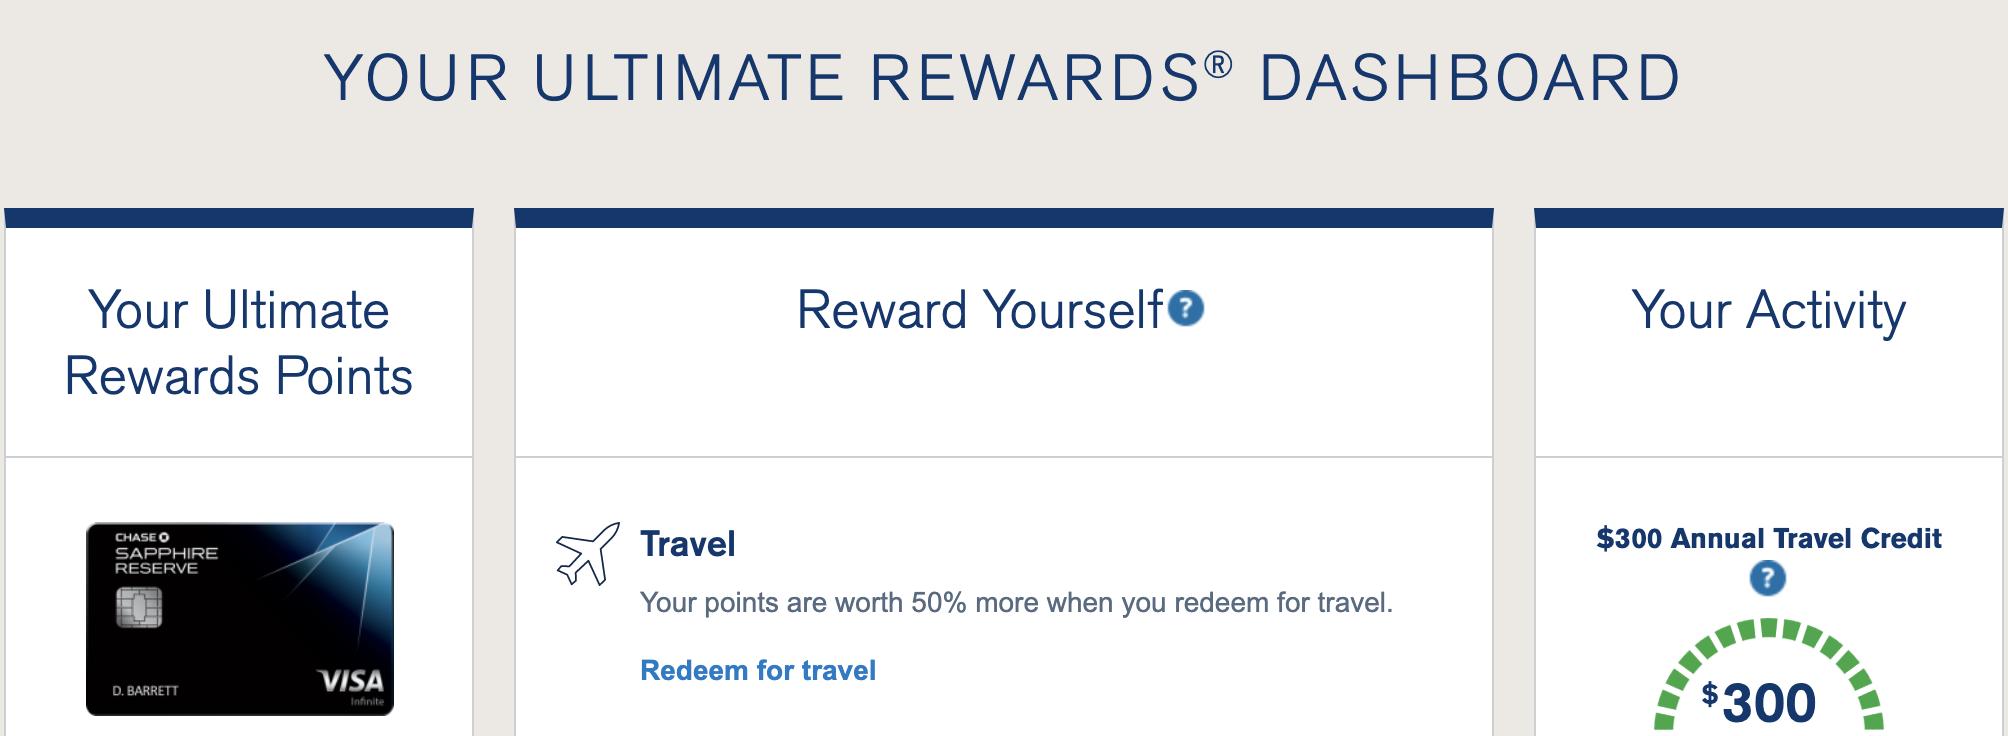 The Chase Ultimate Rewards Travel Portal - AwardWallet Blog